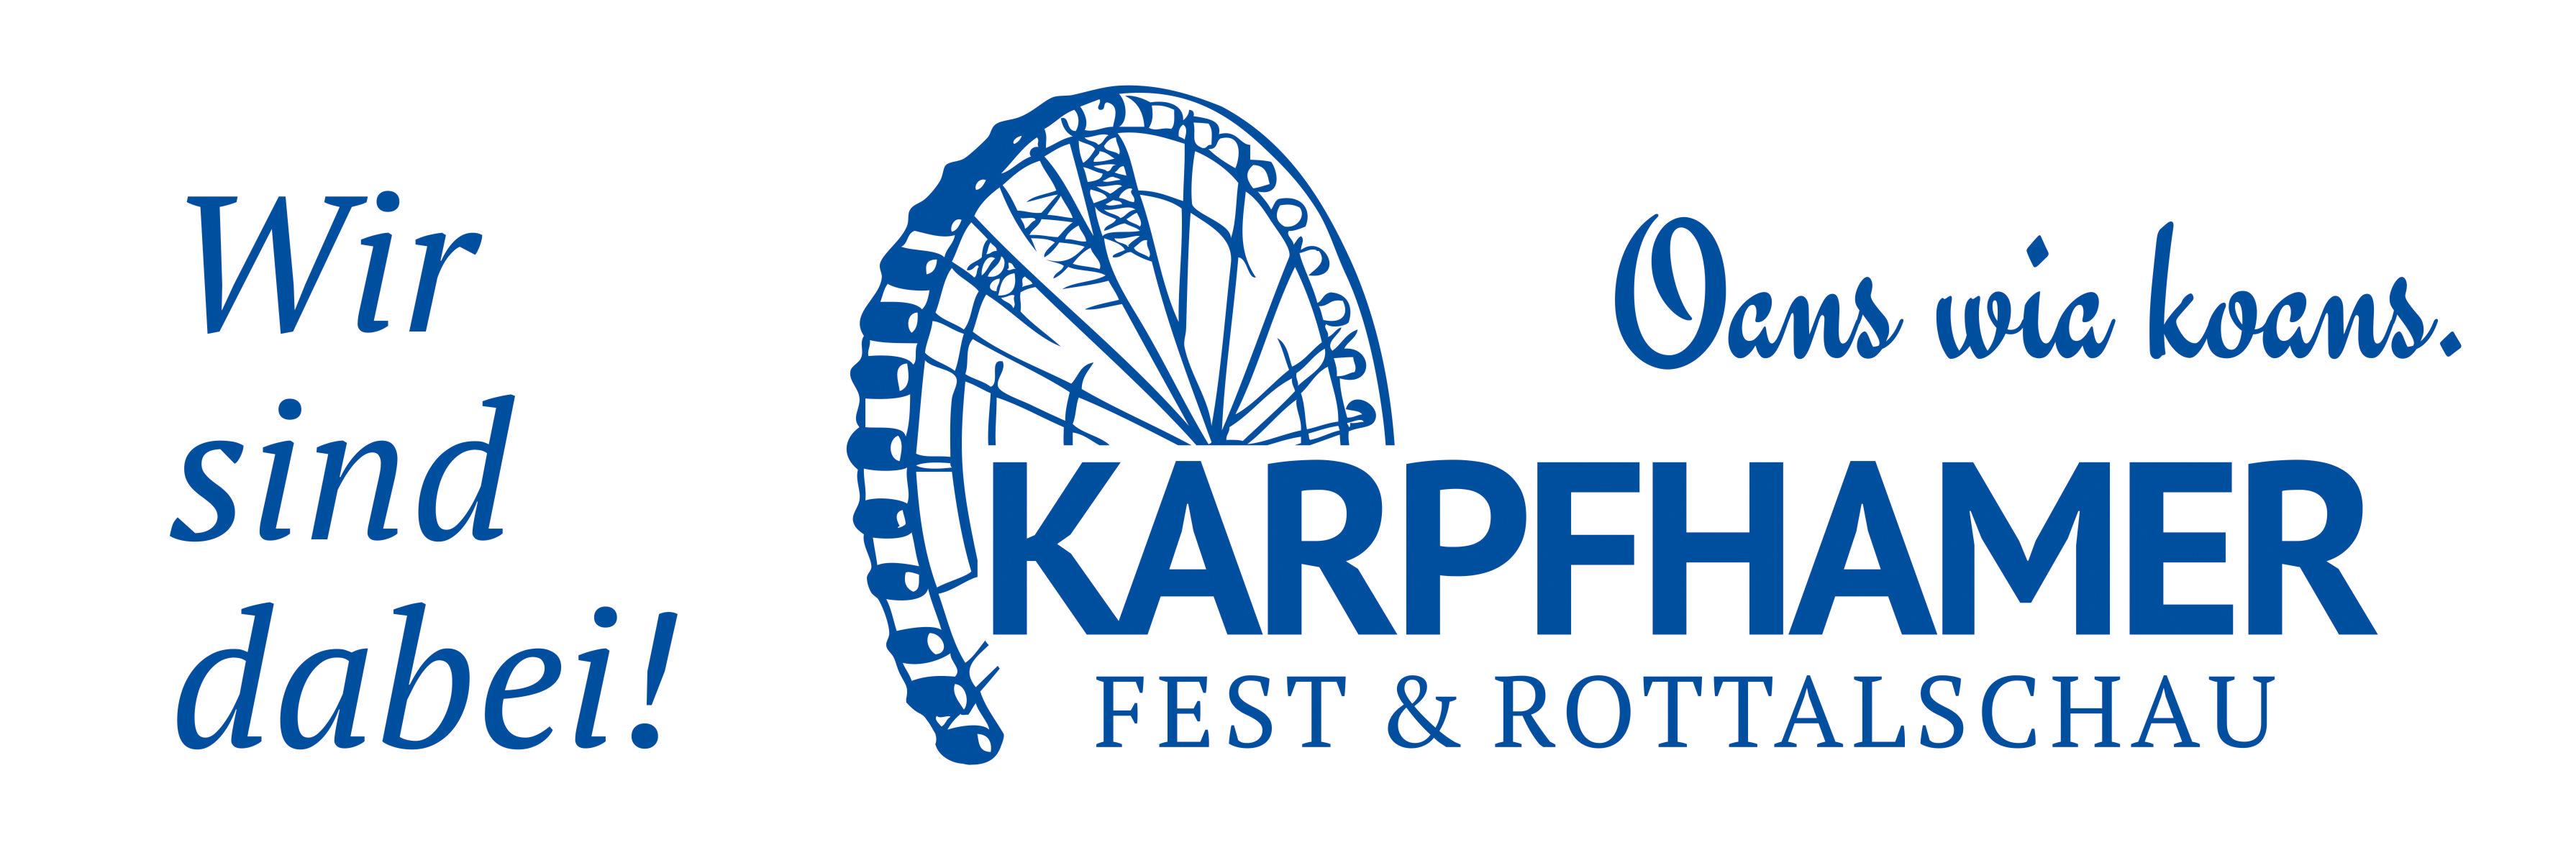 Brantner Fahrzeugbau auf der Tarmstedter Ausstellung 07.07.2017 bis 10.07.2017